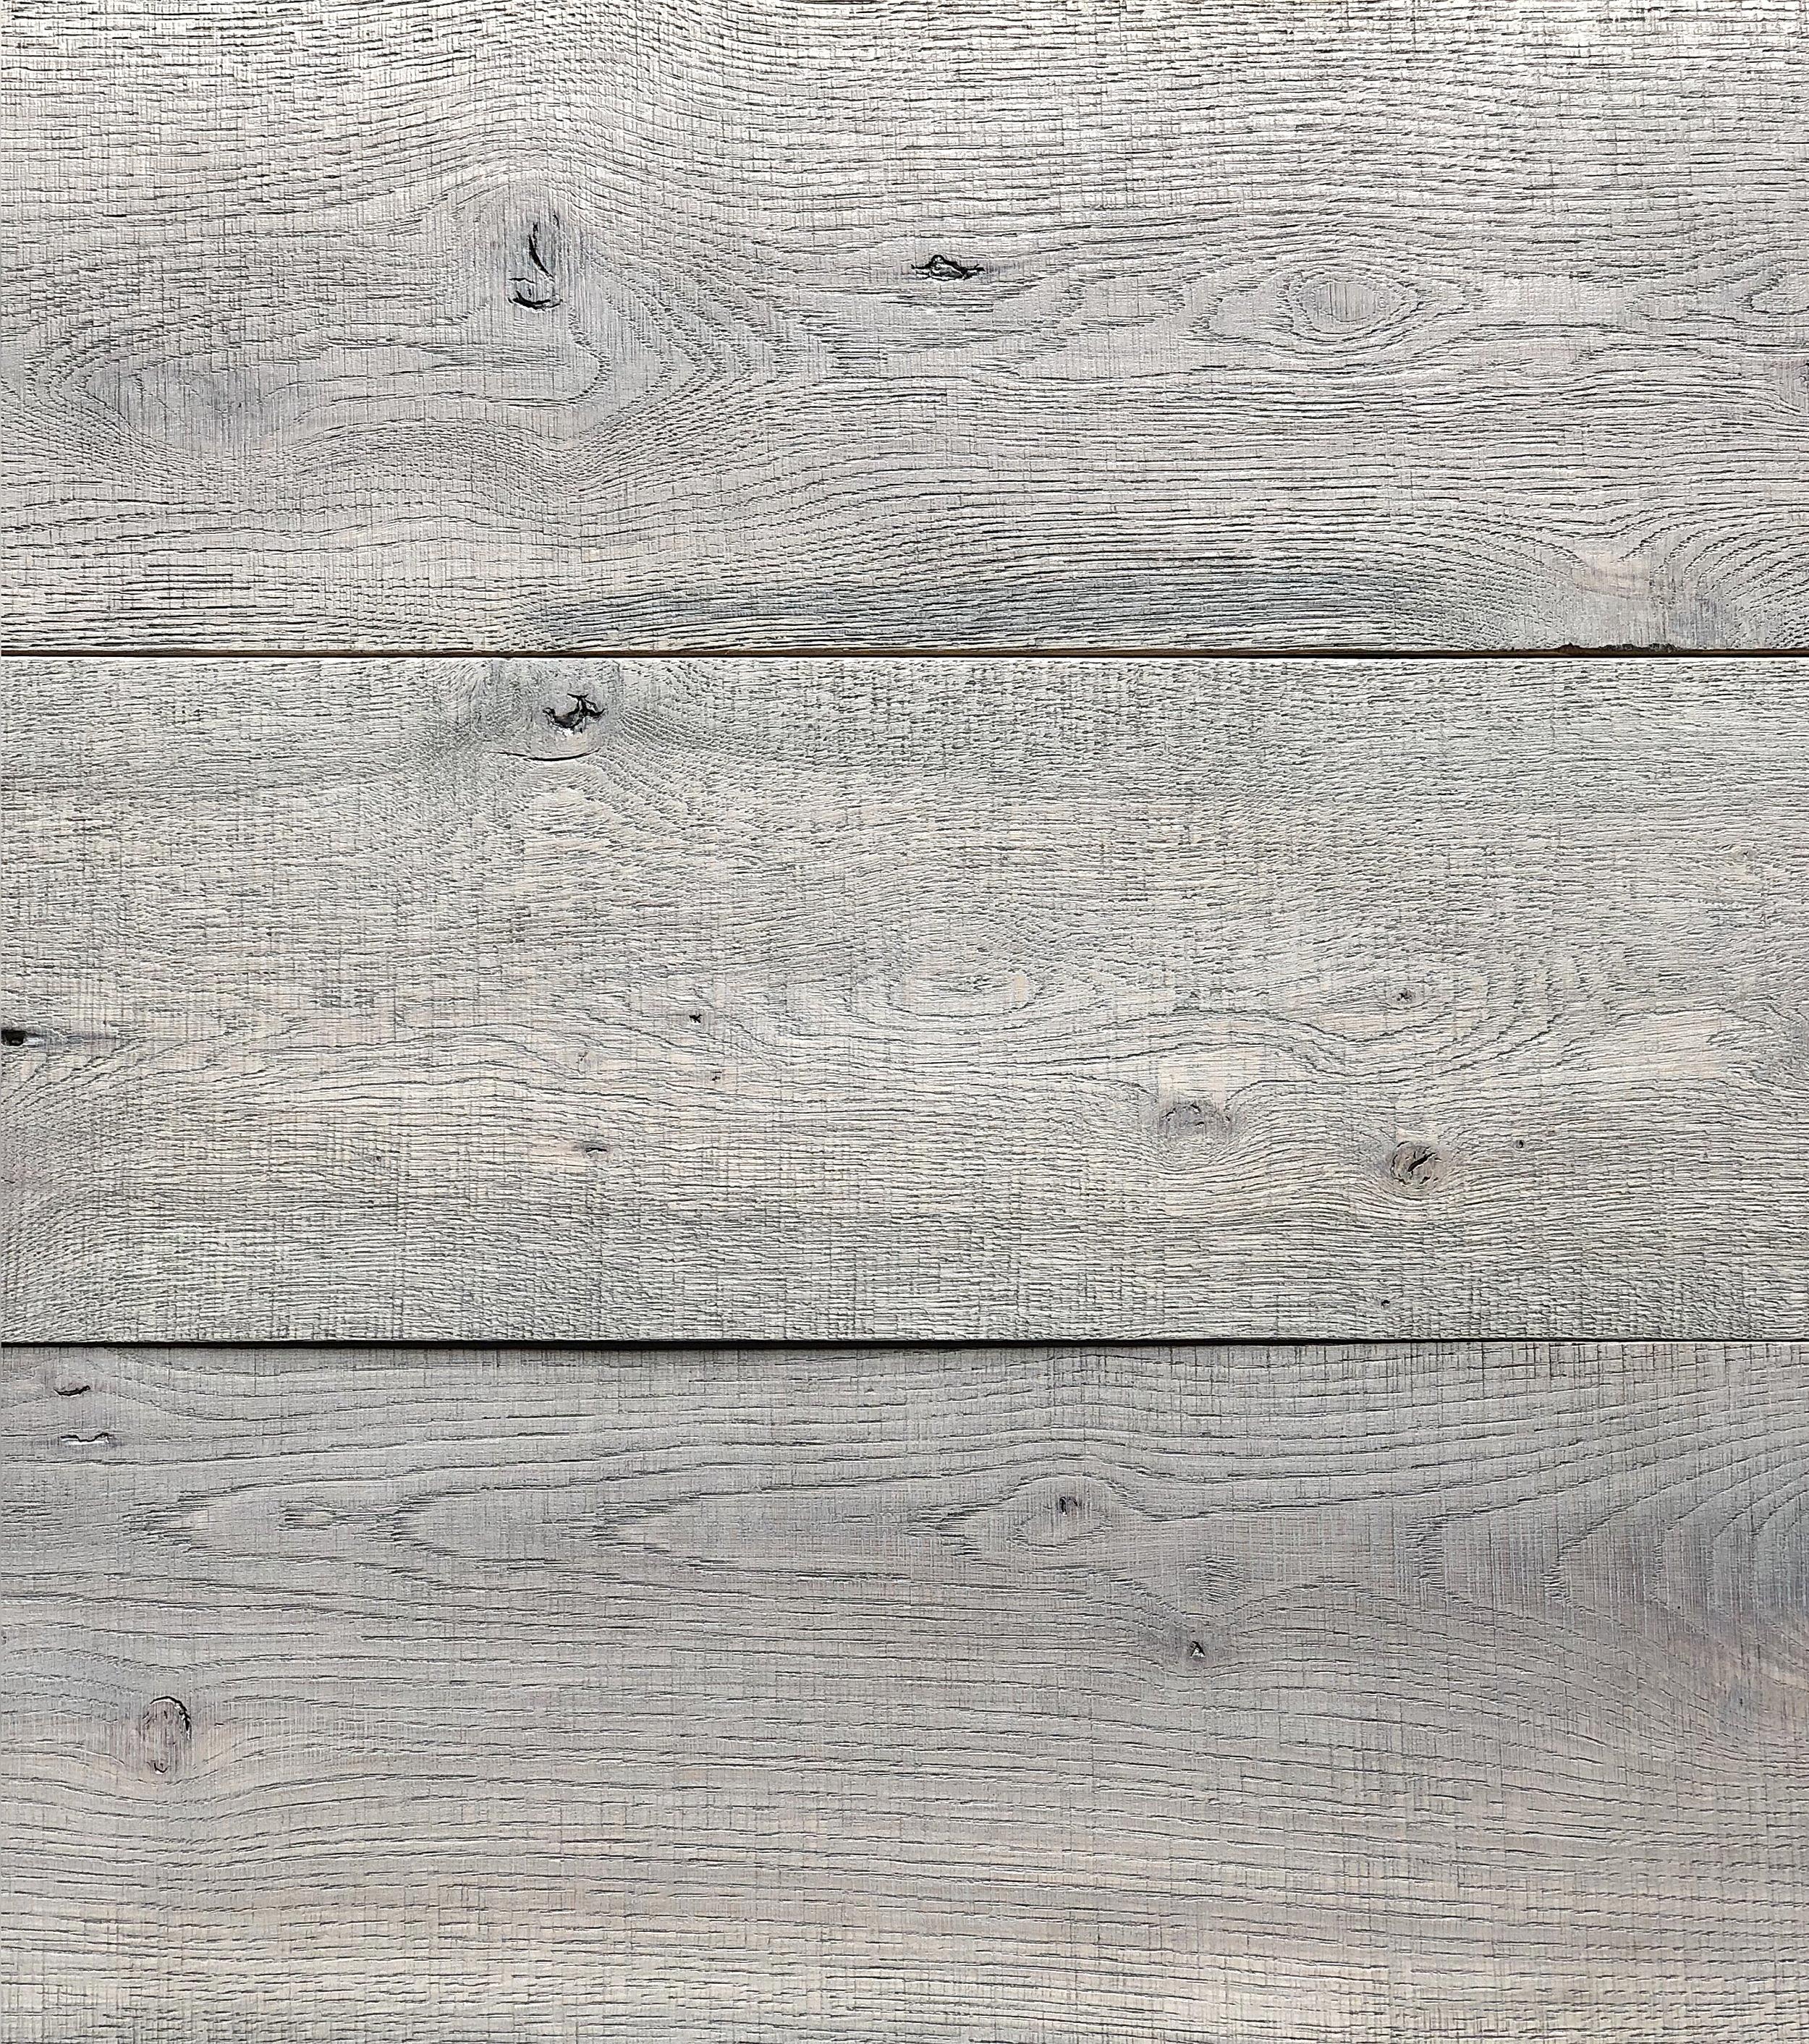 Hailstone, White Oak